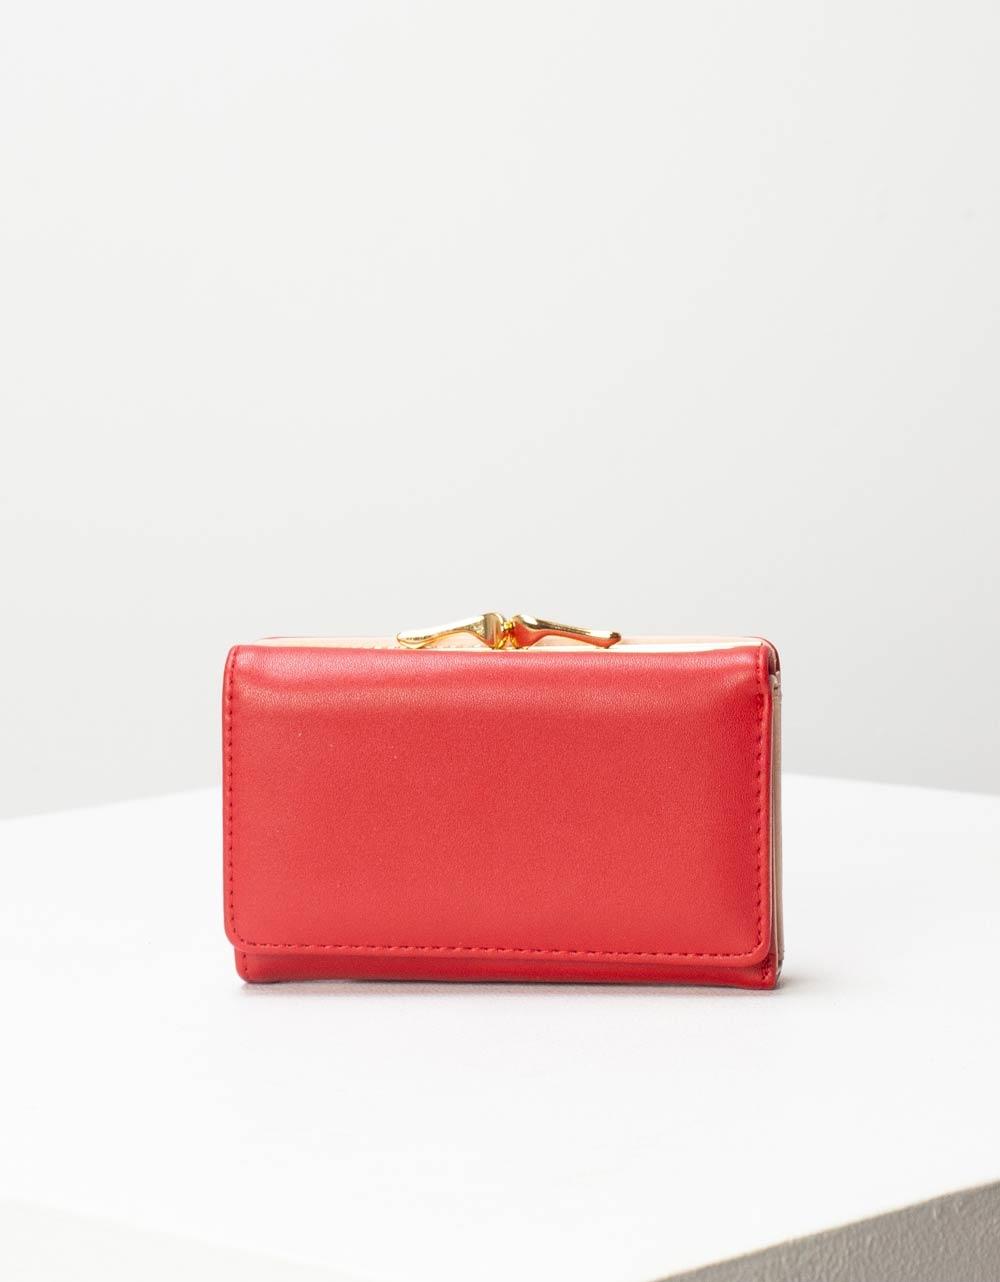 Εικόνα από Γυναικεία πορτοφόλια με μεταλλικό διακοσμητικό Κόκκινο